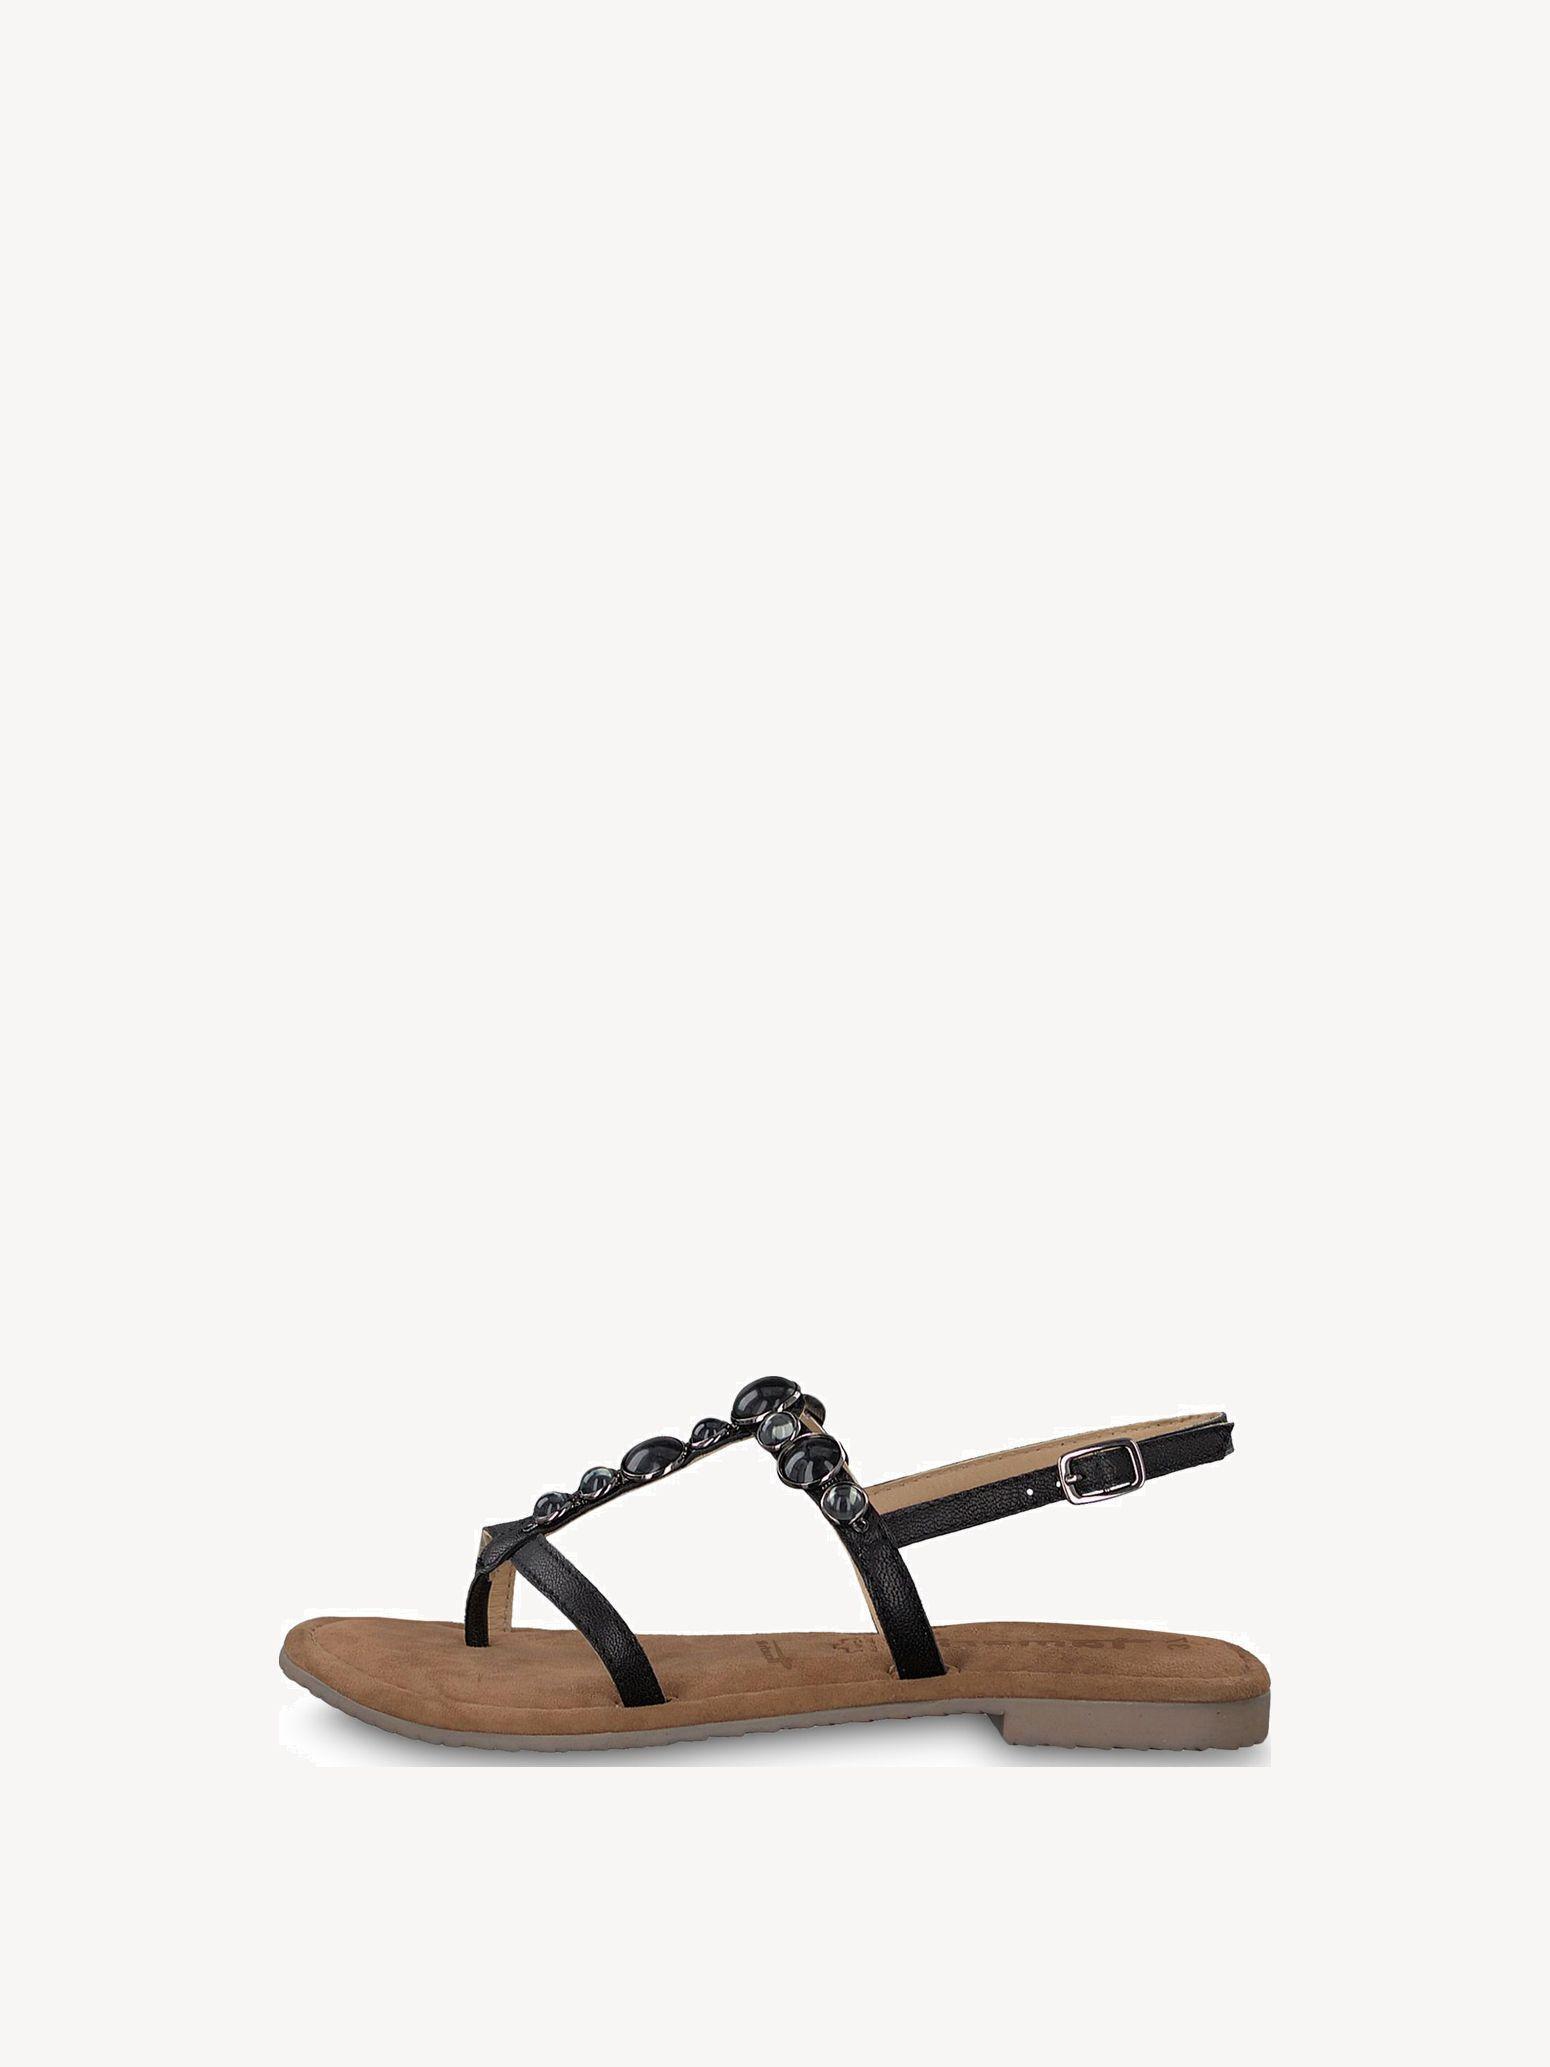 Sandale 1 1 28112 20: Tamaris Sandalen online kaufen!